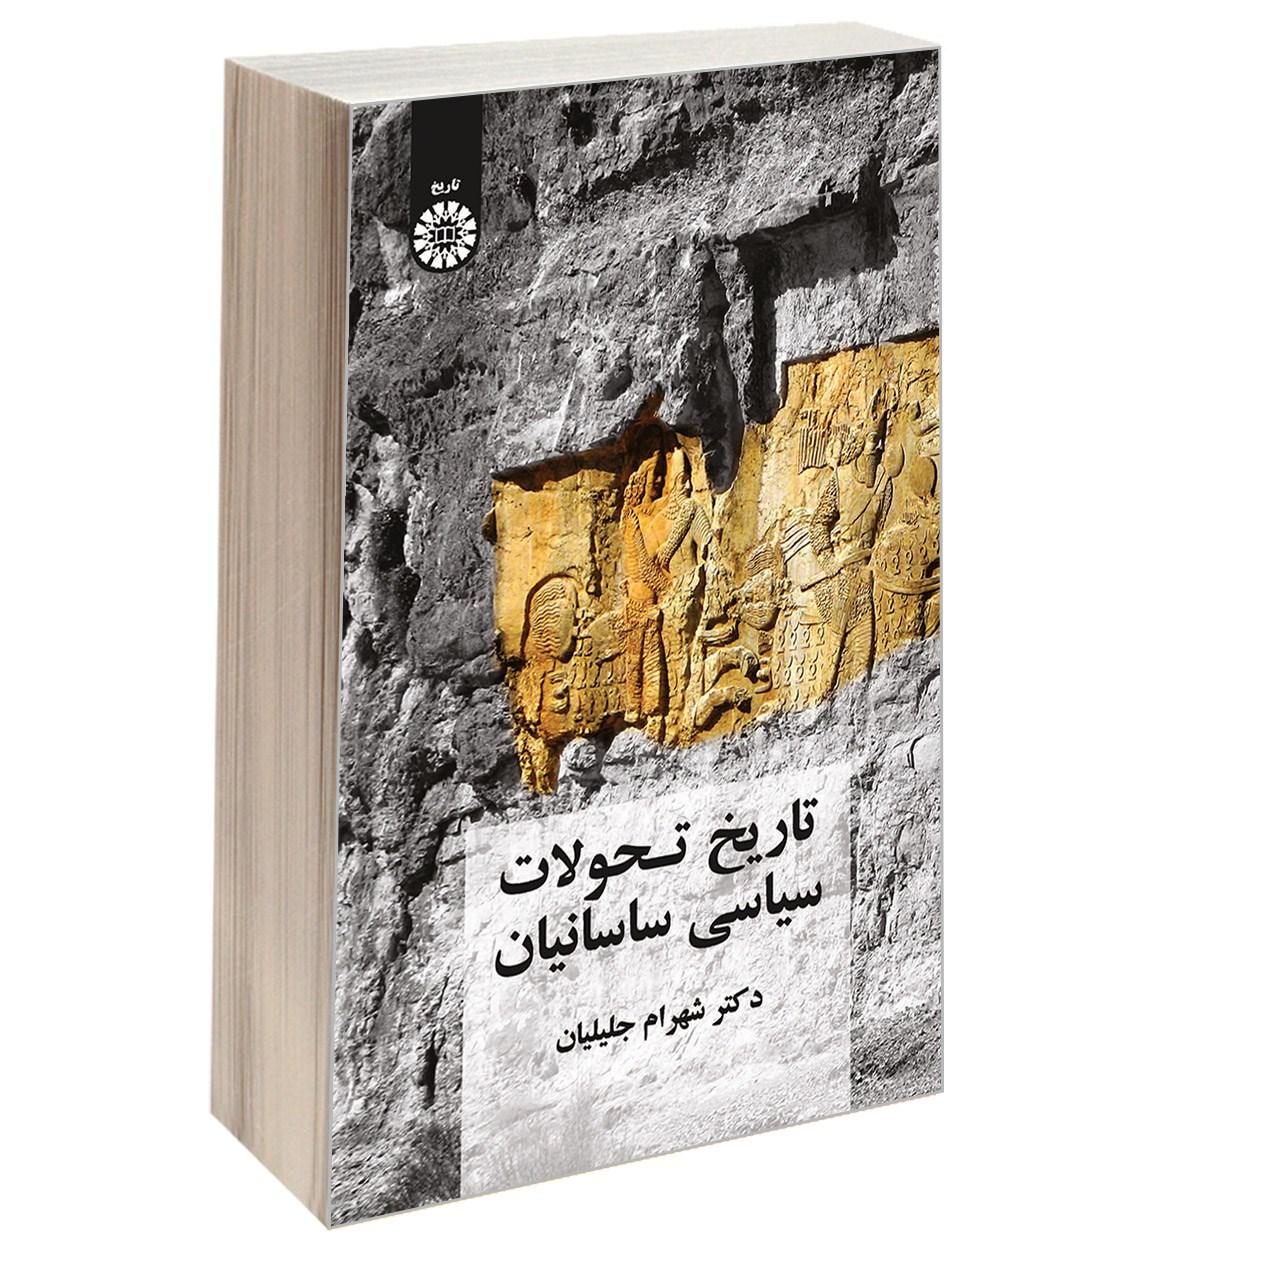 خرید                      کتاب تاریخ تحولات سیاسی ساسانیان اثر دکتر شهرام جلیلیان نشر سمت